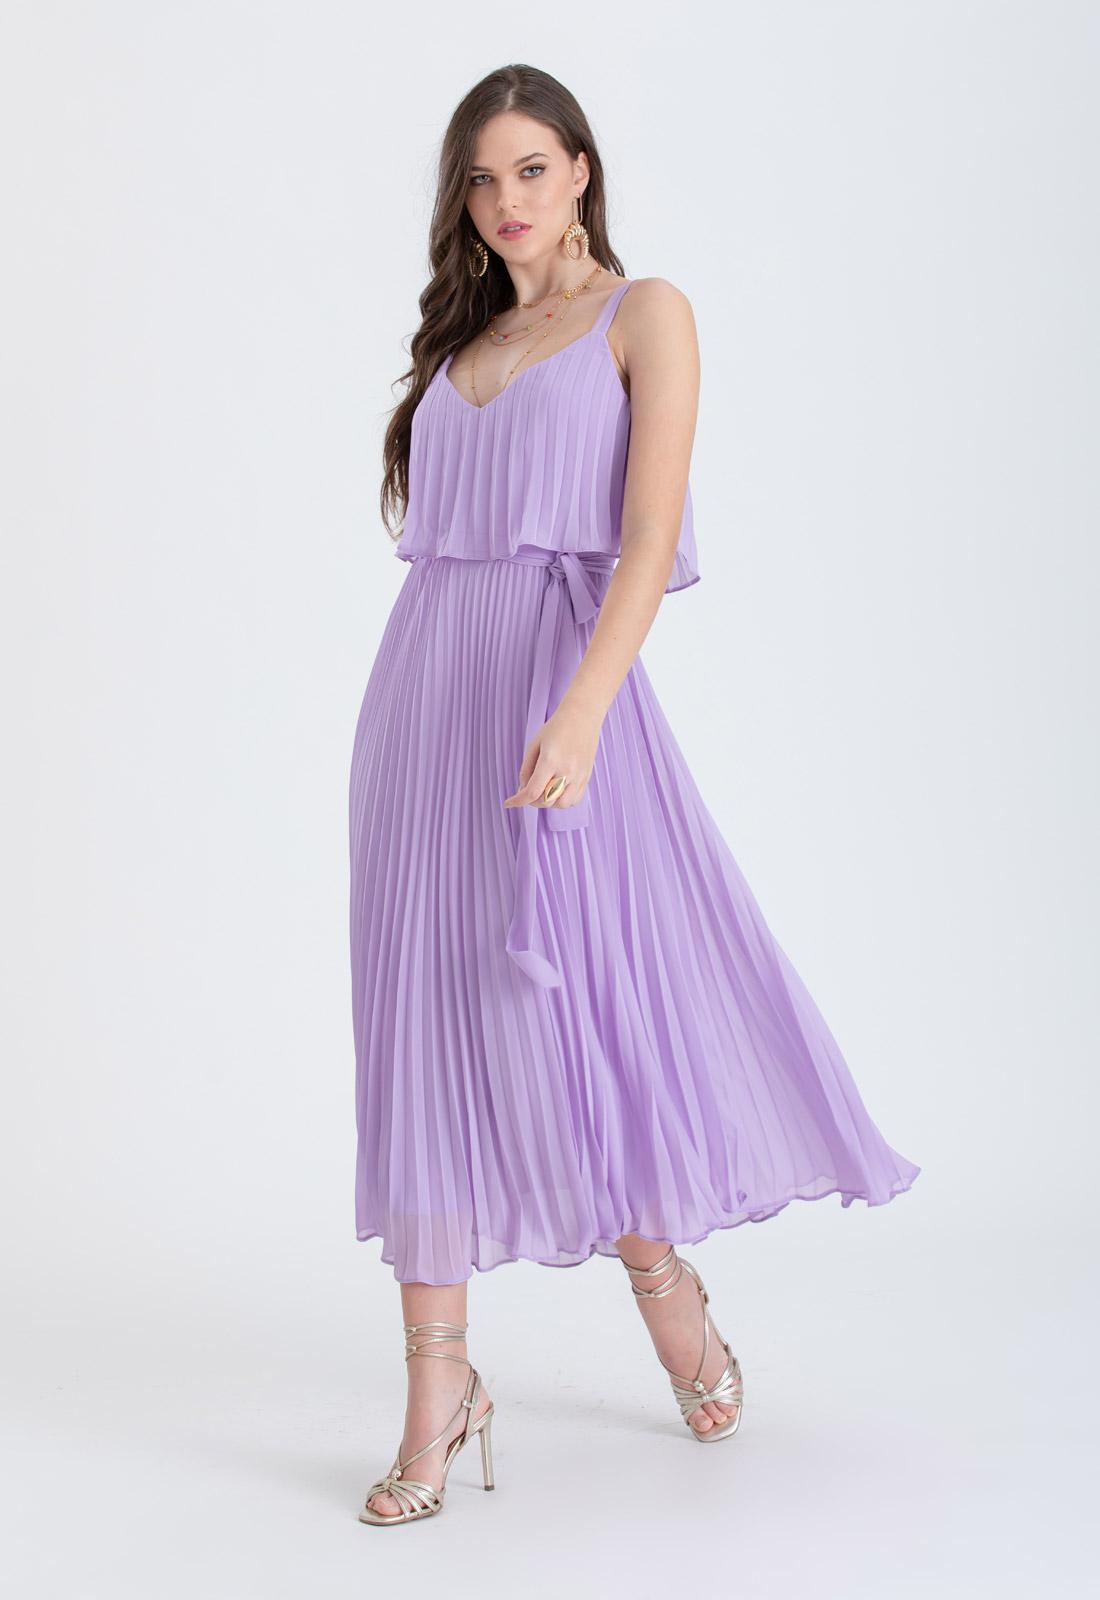 Vestido de festa lilás Plissados - Ref. 2466